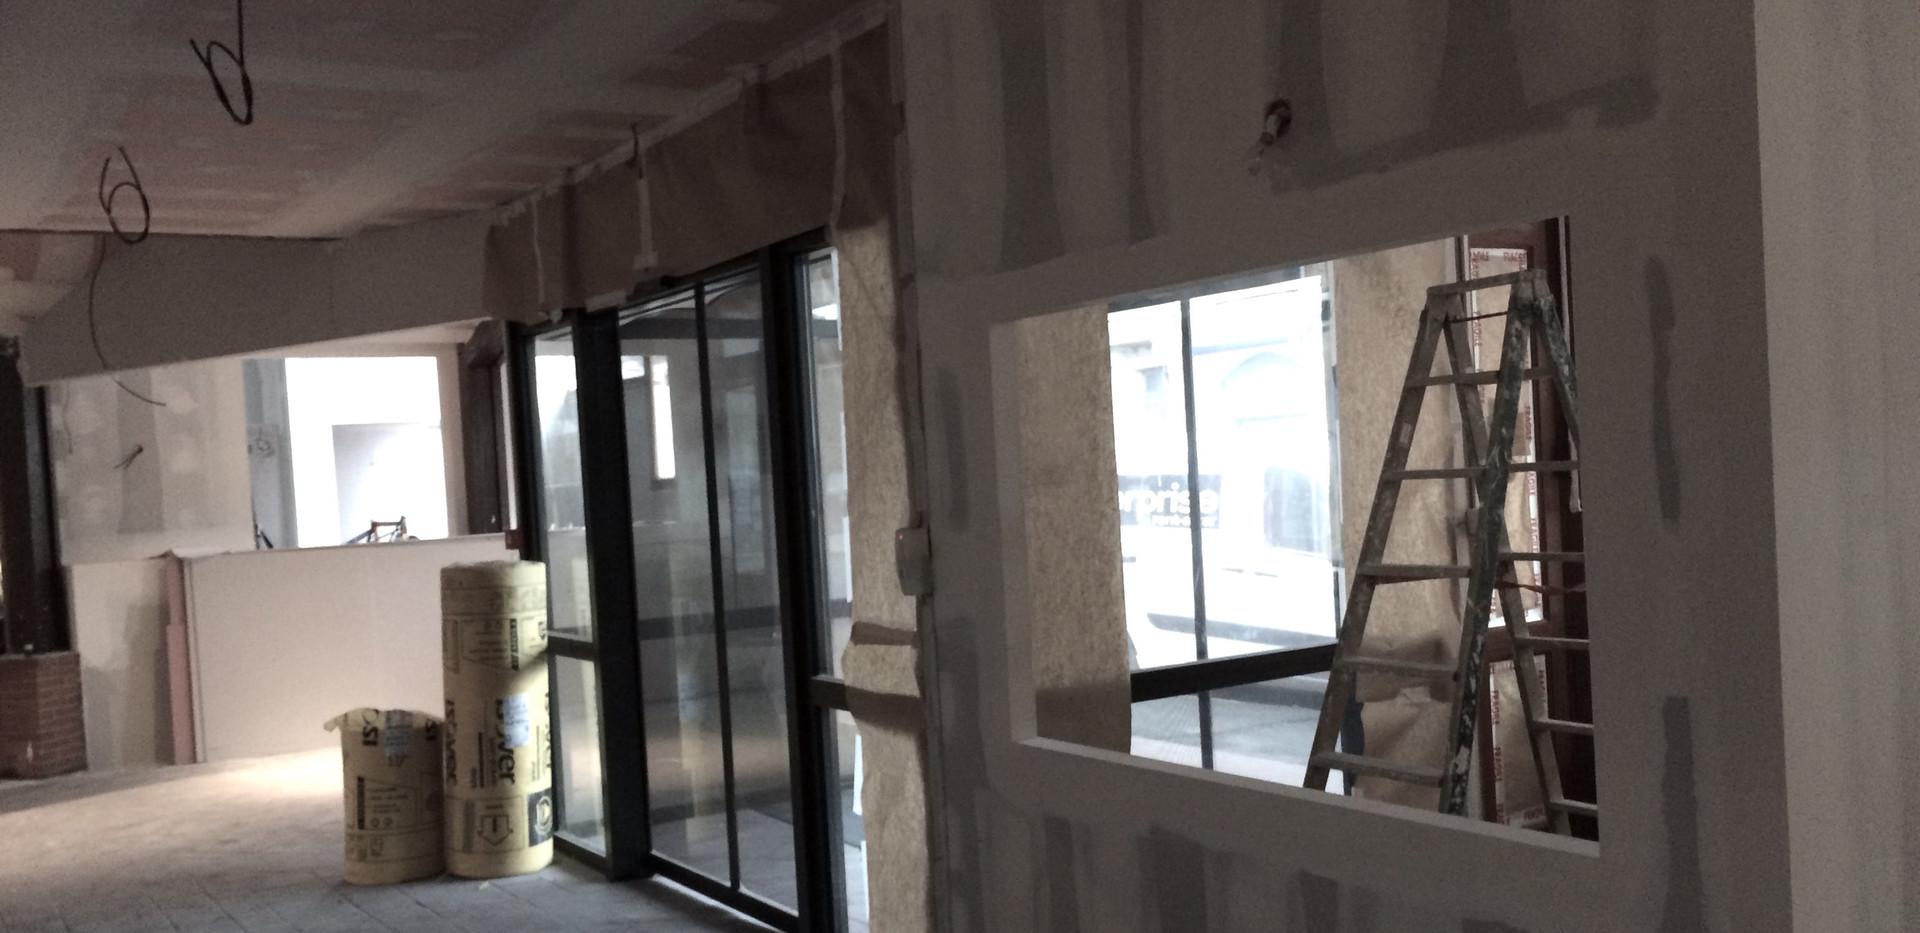 A3L_THEATRE DES GRANDS ENFANTS chantier